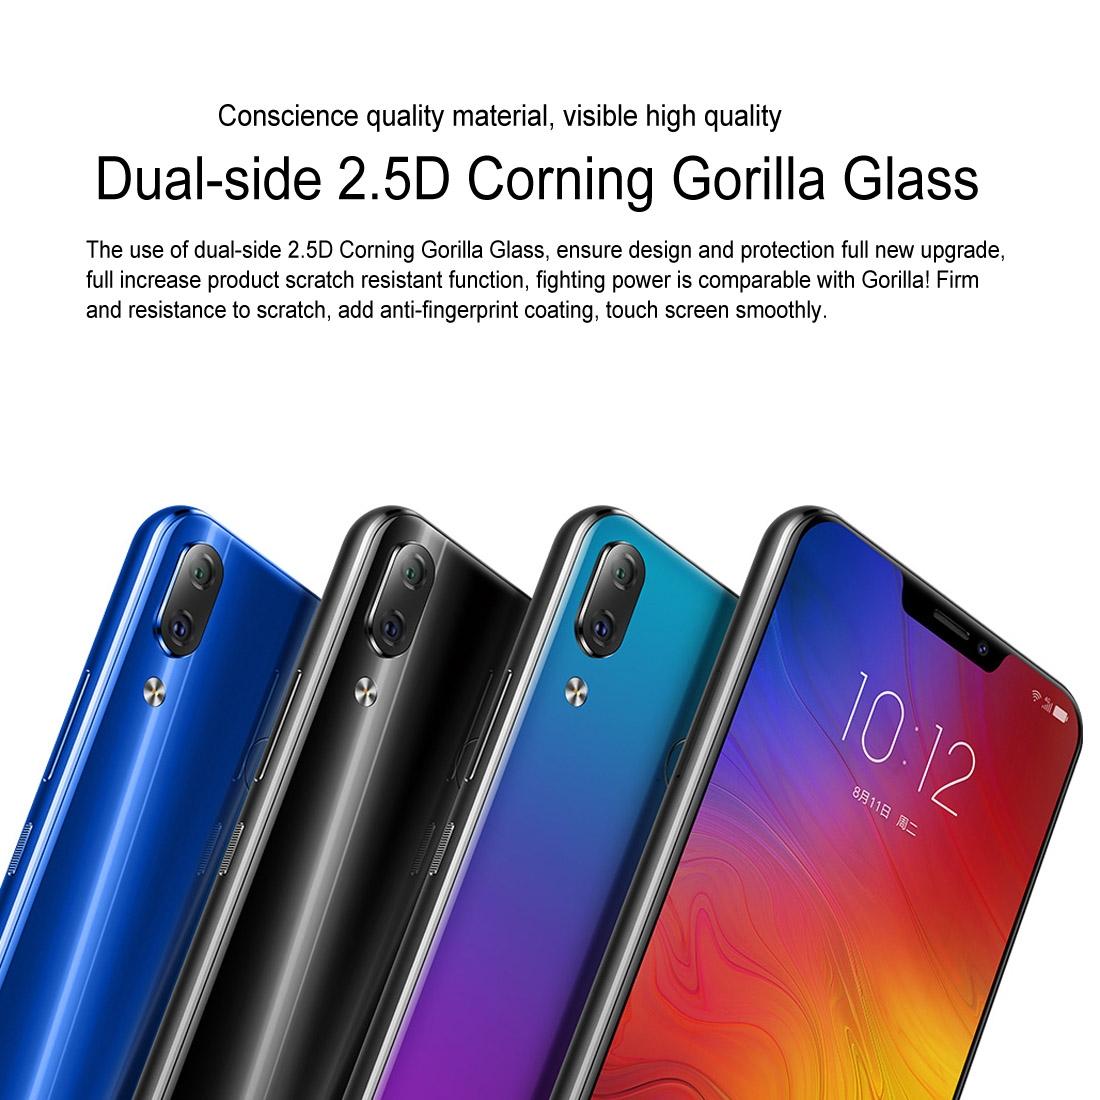 i.ibb.co/GQ6WZxN/Smartphone-6-GB-64-GB-Lenovo-Z5-8.jpg